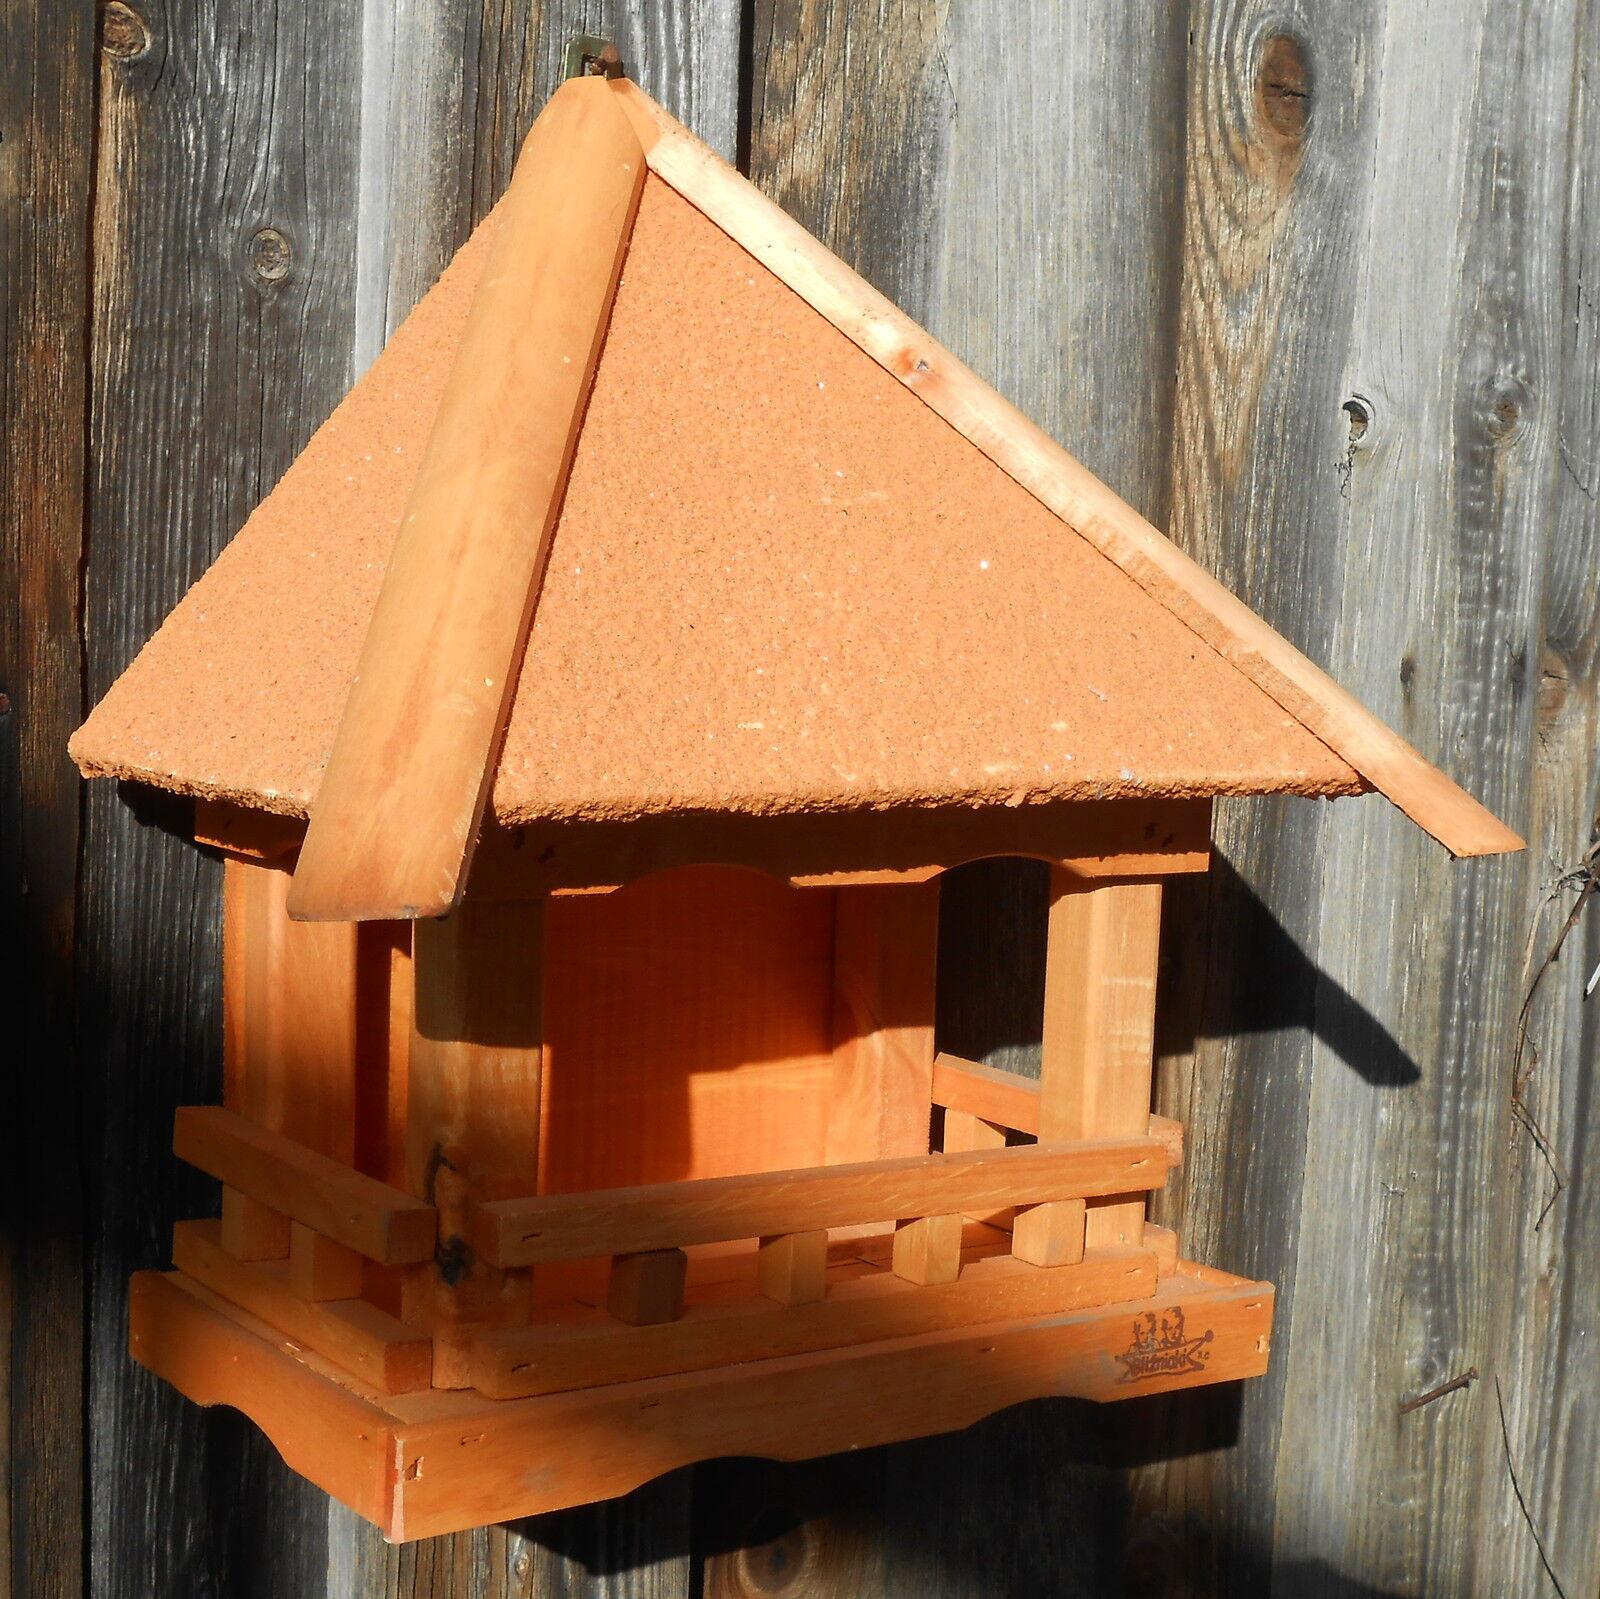 Montaje en parojo casa de pájaros pájaro casas para pájaros + projoección contra la intemperie retratado naranja